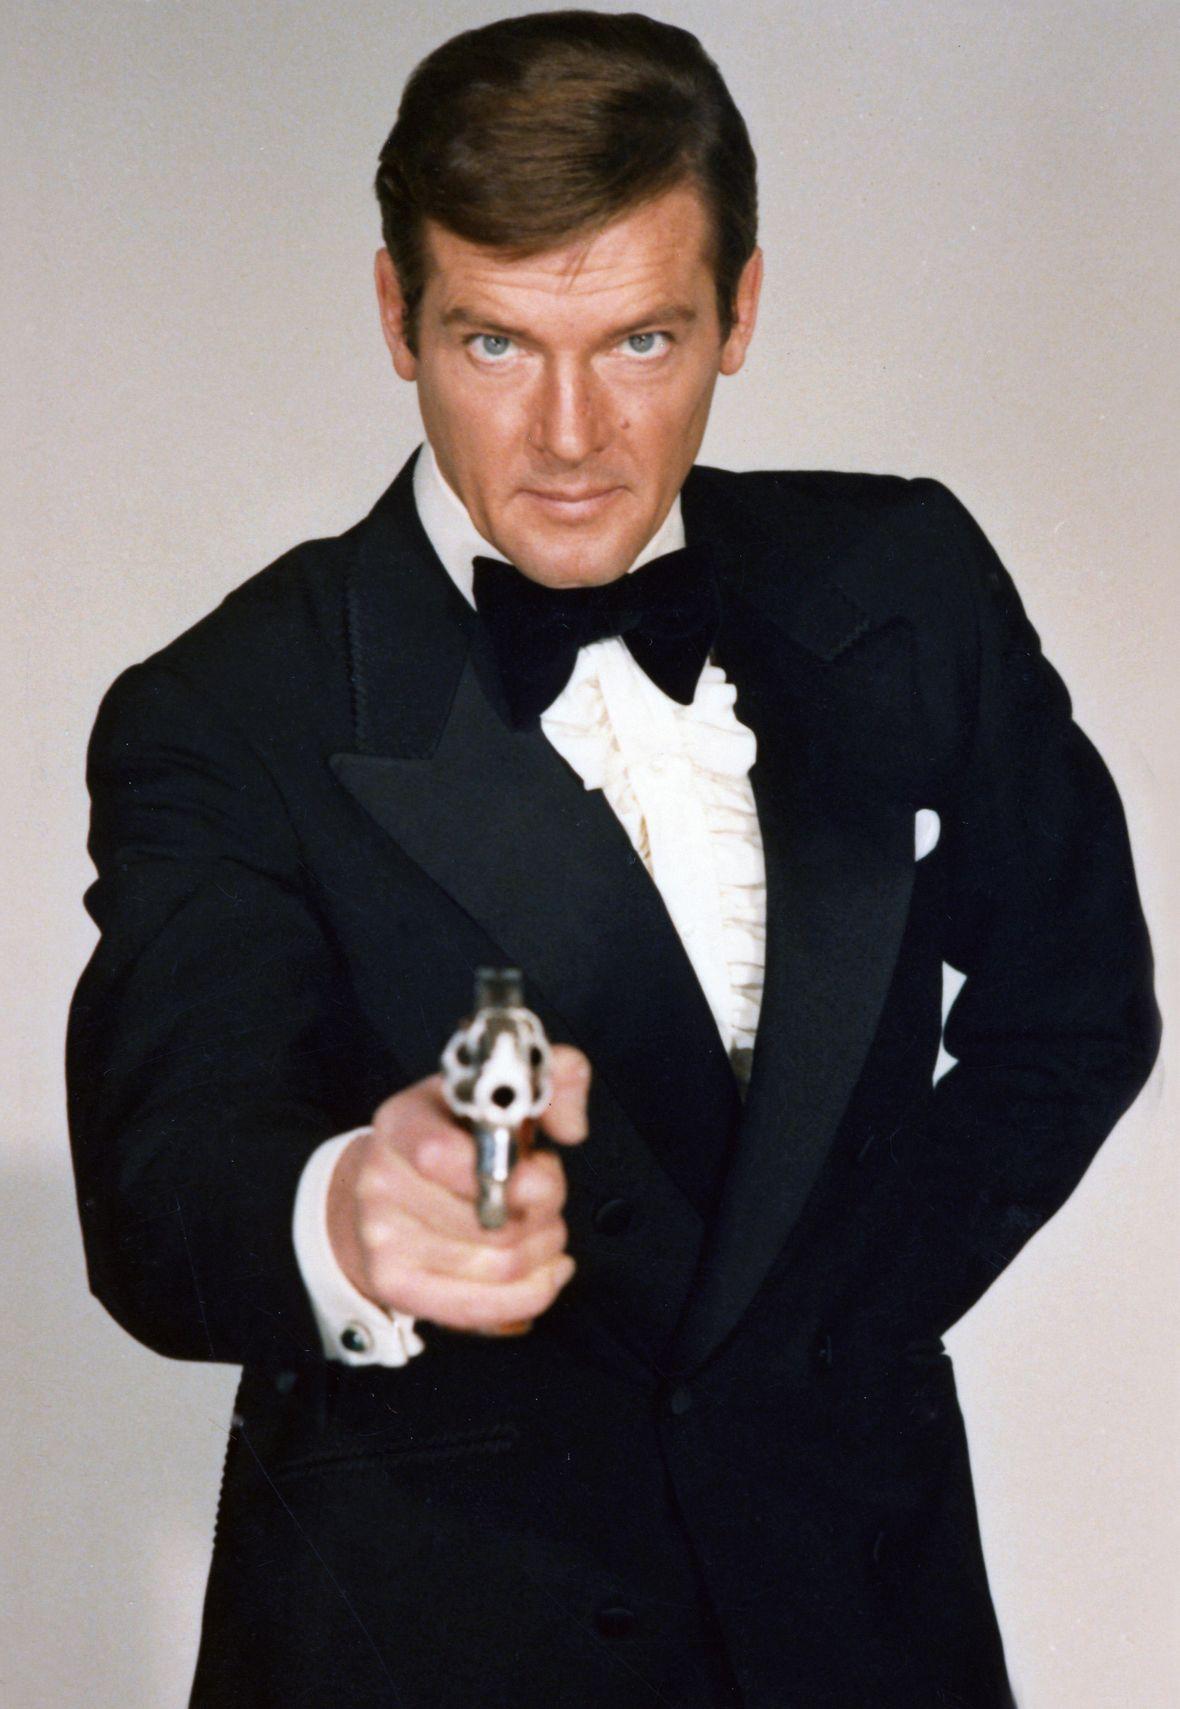 Best James Bond Actor Roger Moore